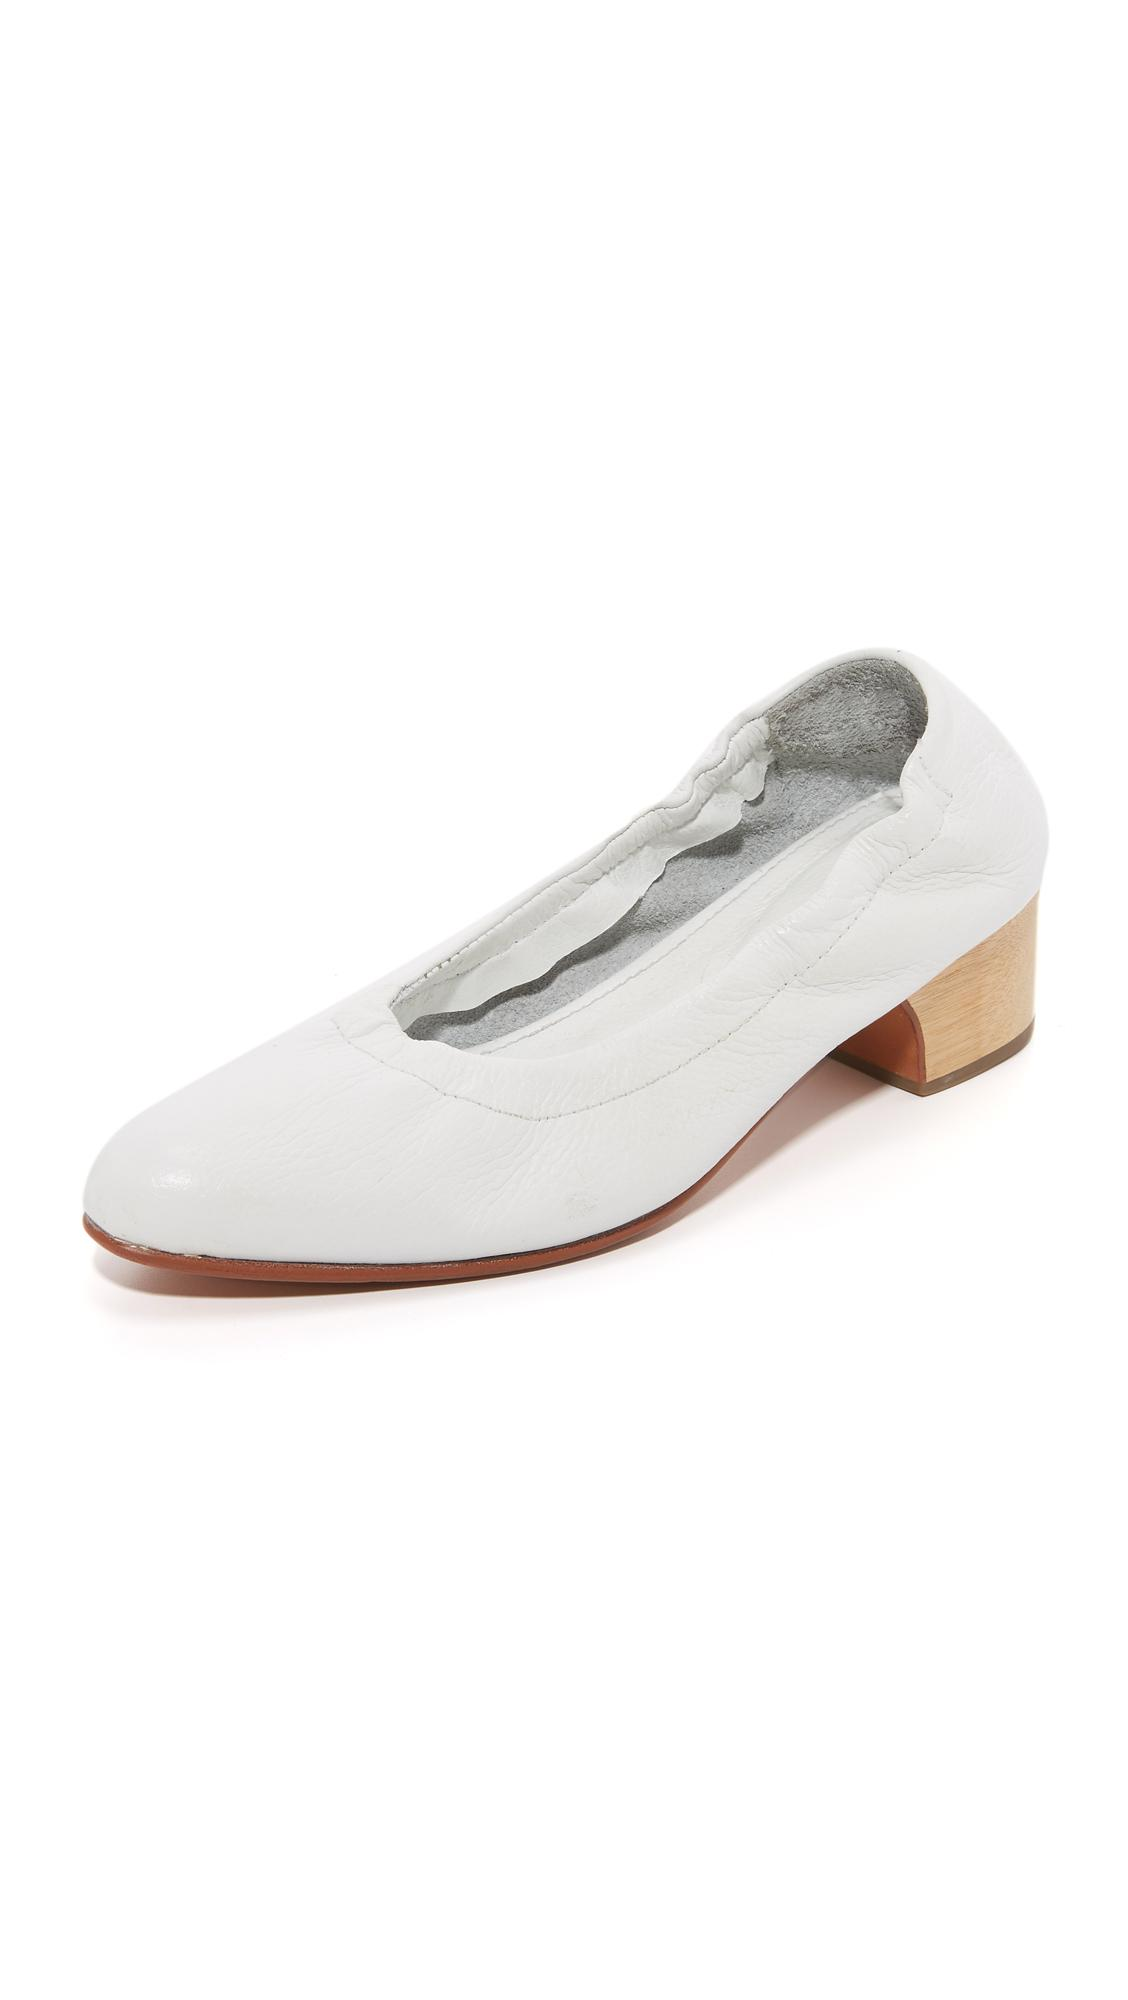 rachel comey calder heels